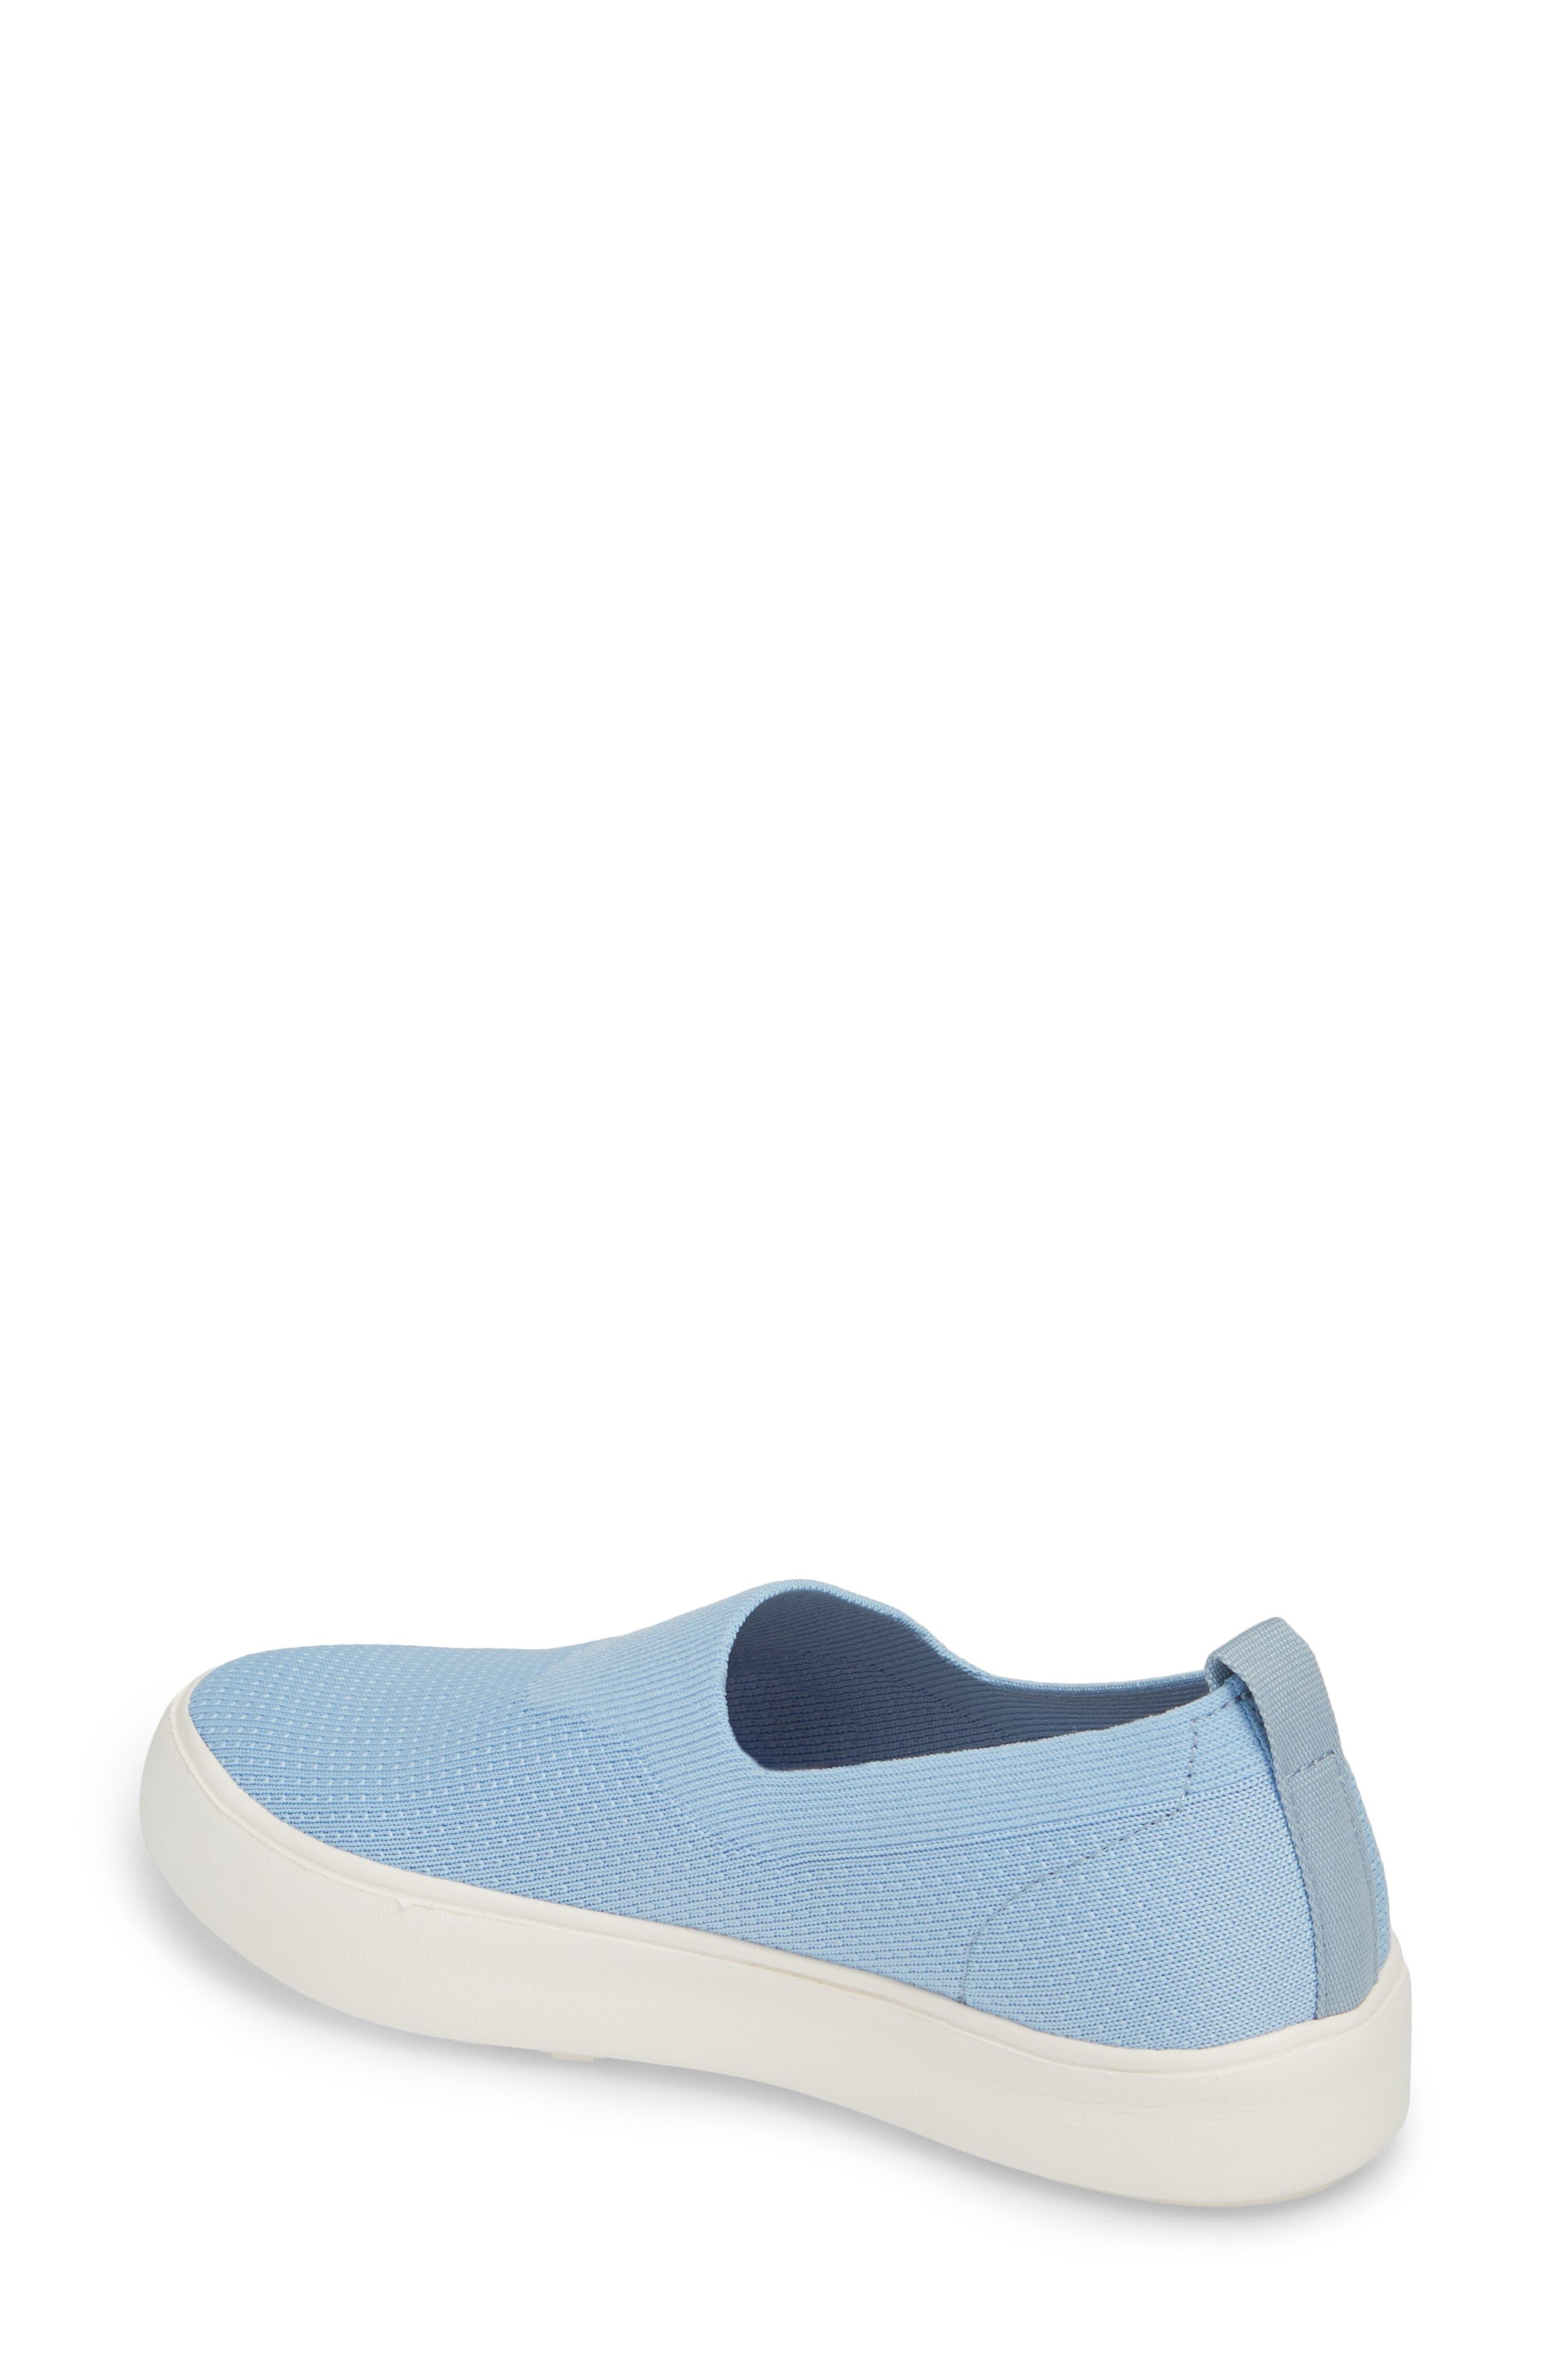 Hula Slip-On Sneaker,                             Alternate thumbnail 2, color,                             Fog Blue